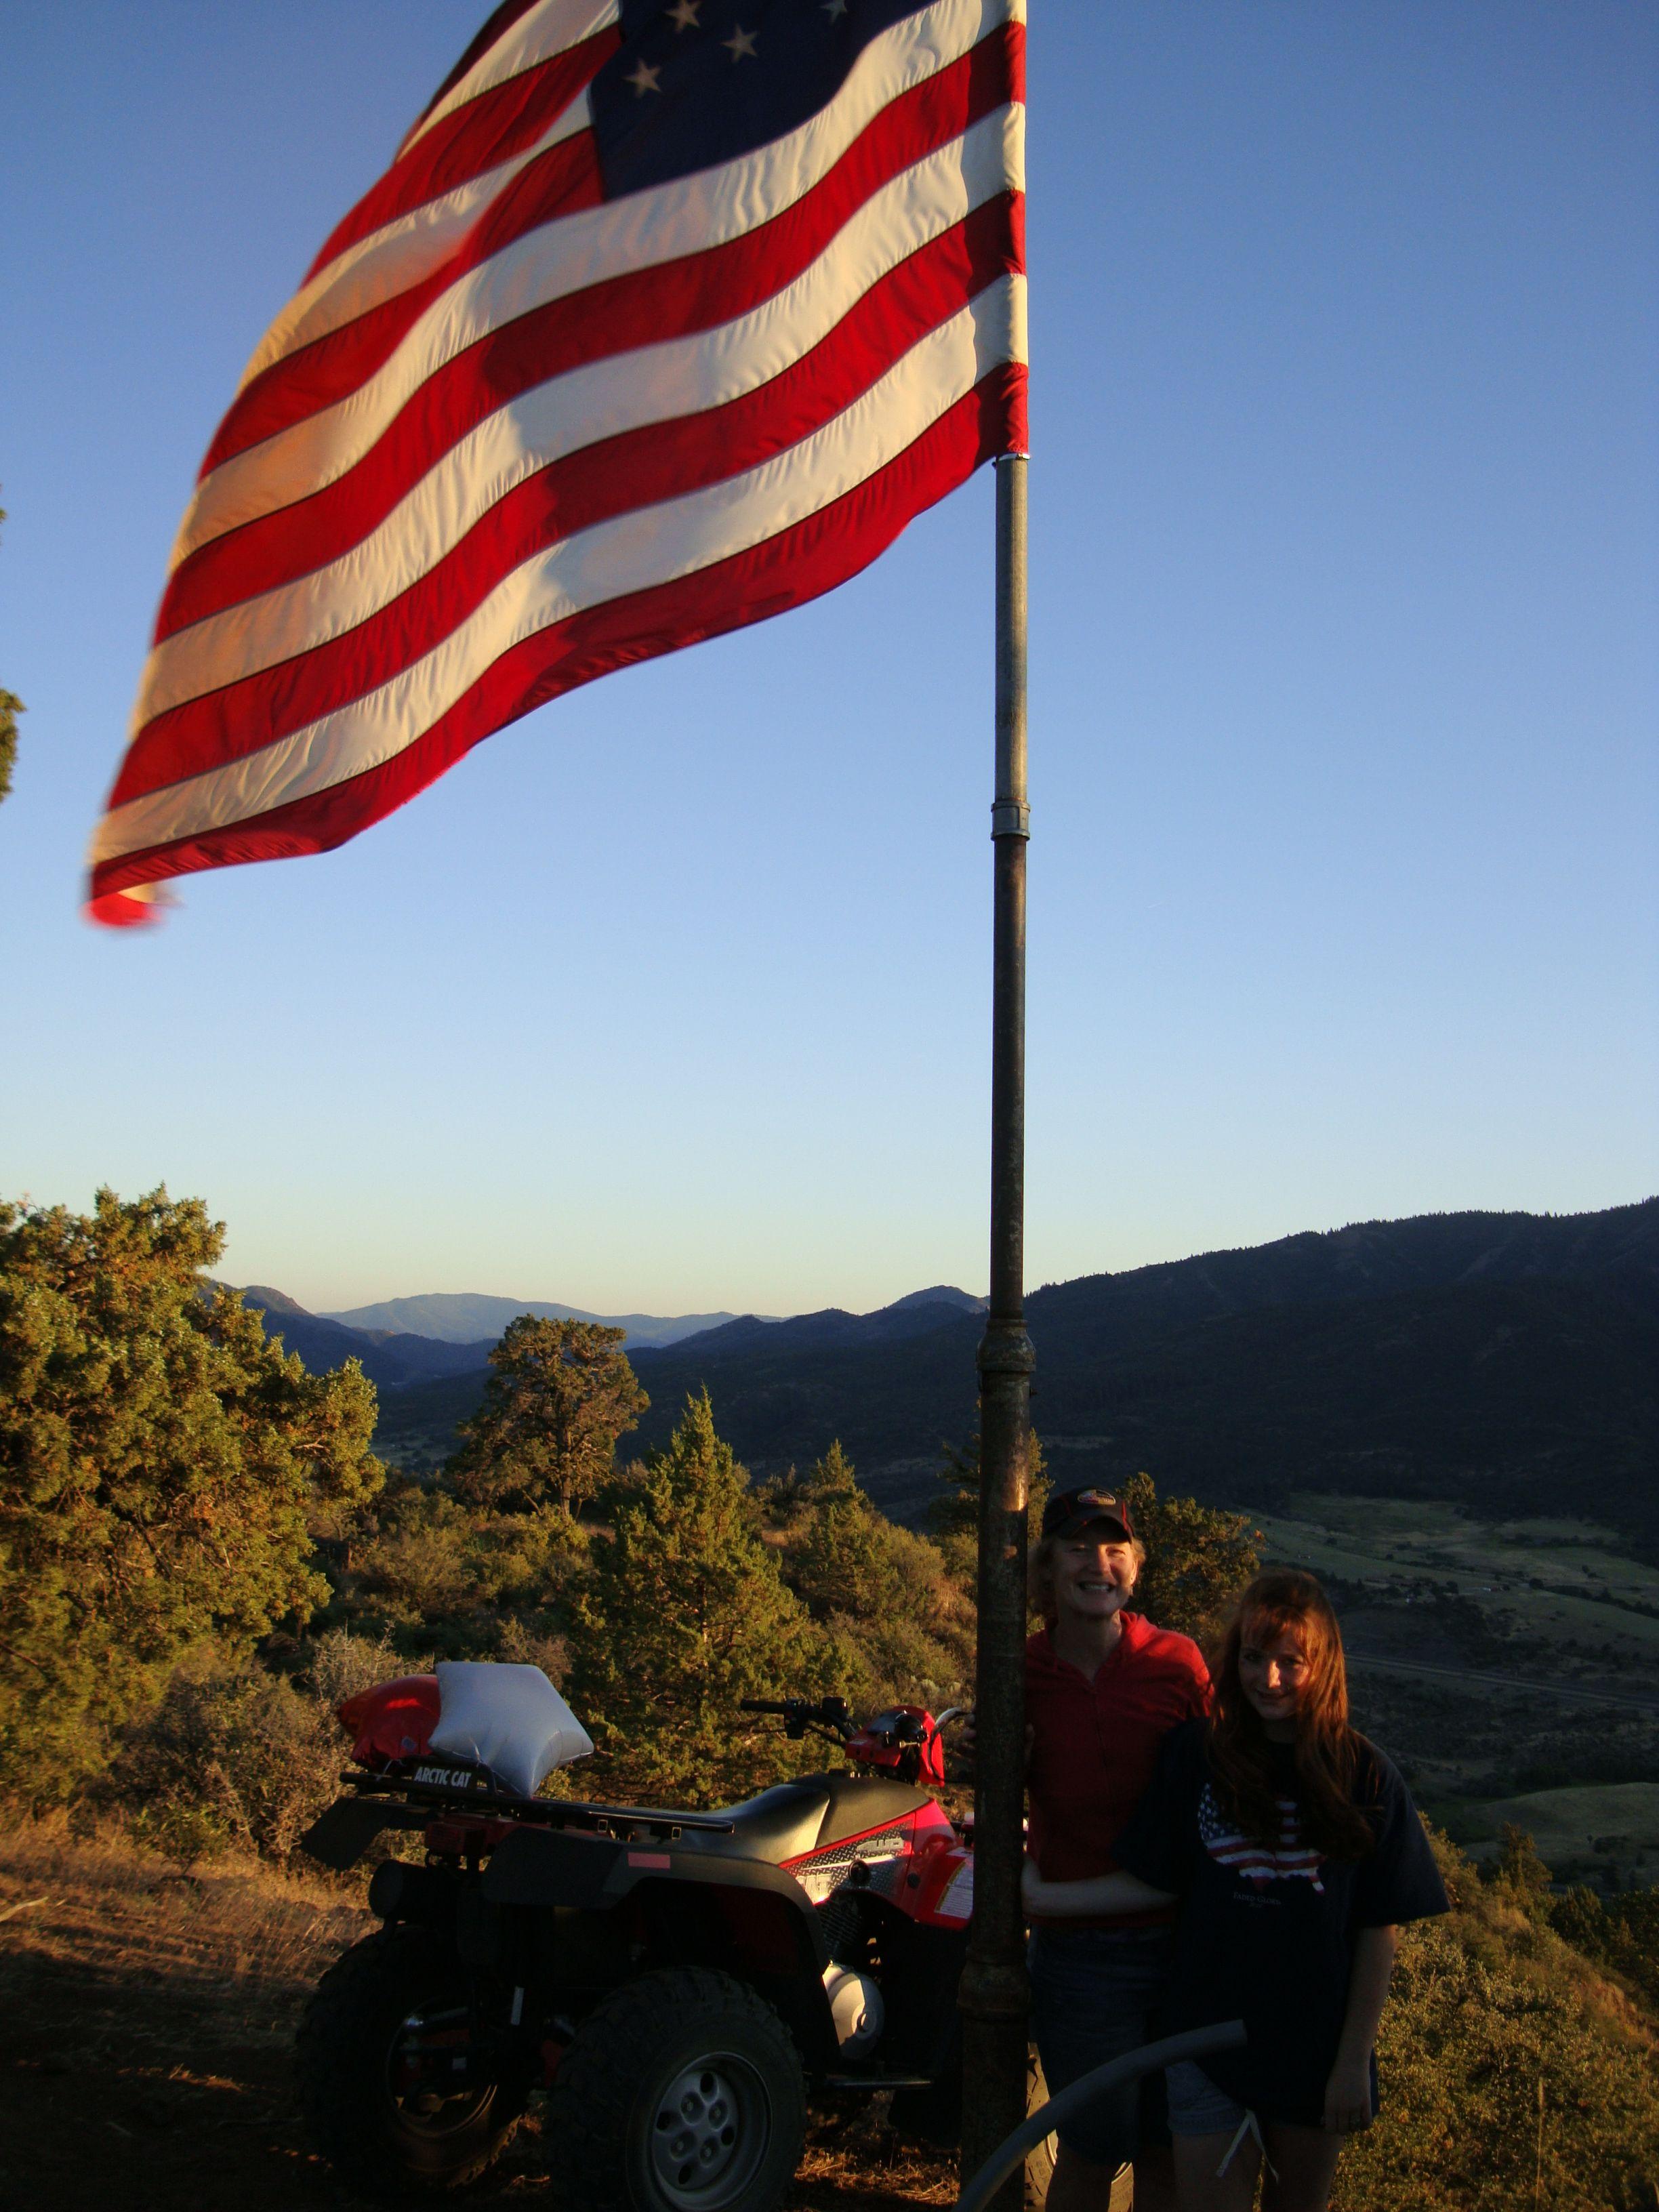 R Ranch Hornbrook California Atv American Flag Usa Merica Hornbrook Northern California Horseback Riding